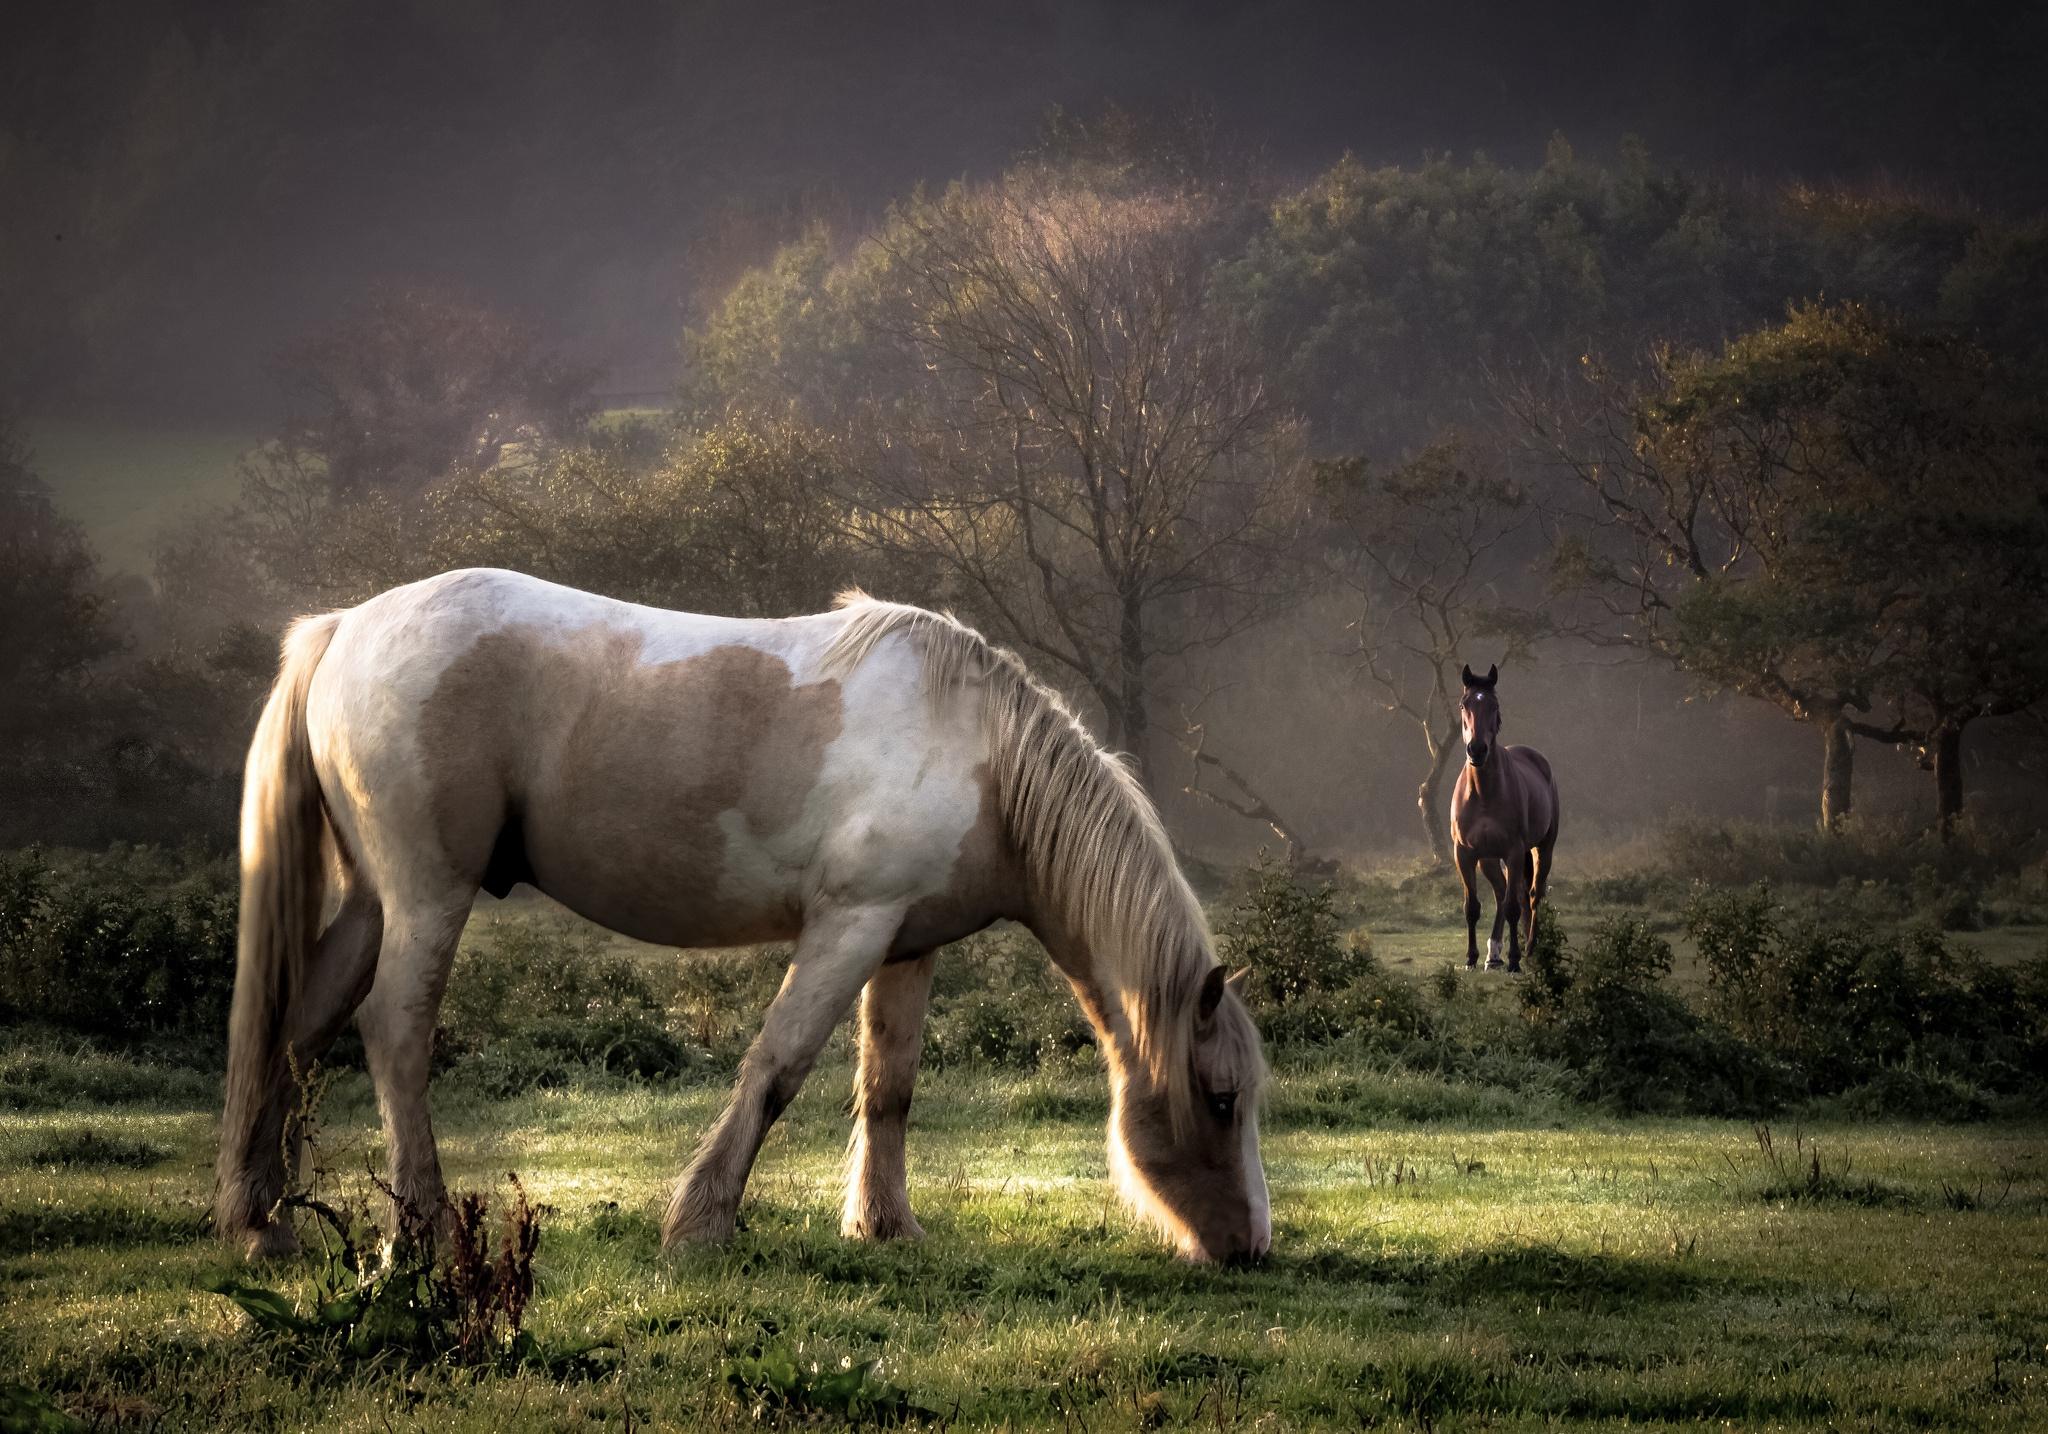 102250 Protetores de tela e papéis de parede Cavalos em seu telefone. Baixe Cavalos, Animais, Árvores, Comida, Grama, Casal, Par, Passeio, Passear fotos gratuitamente